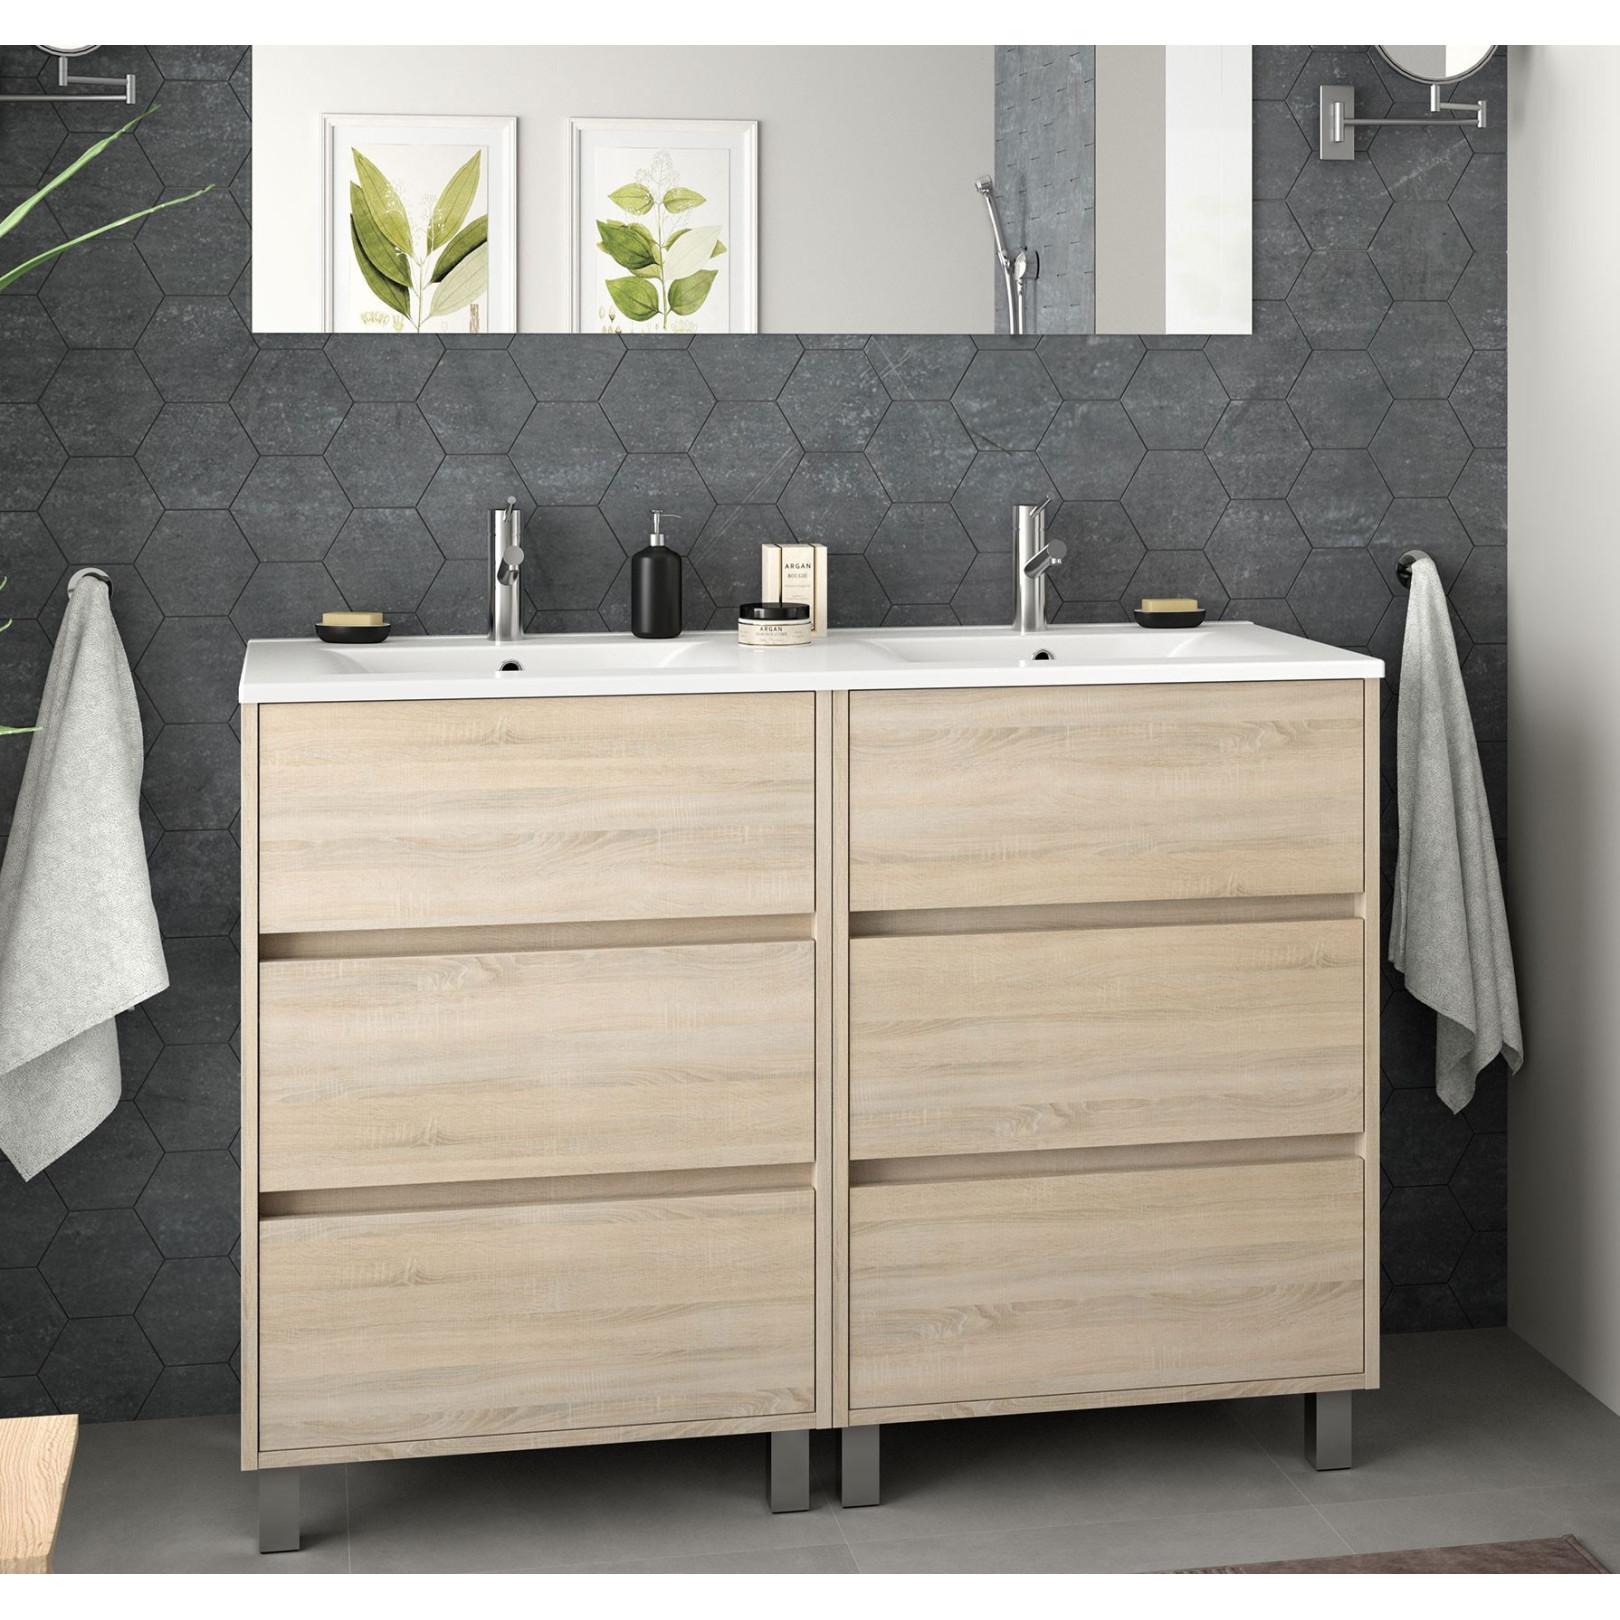 Meuble bain sur pied Arenys 1200, stratifié bois ou laqué avec plan double vasque céramique